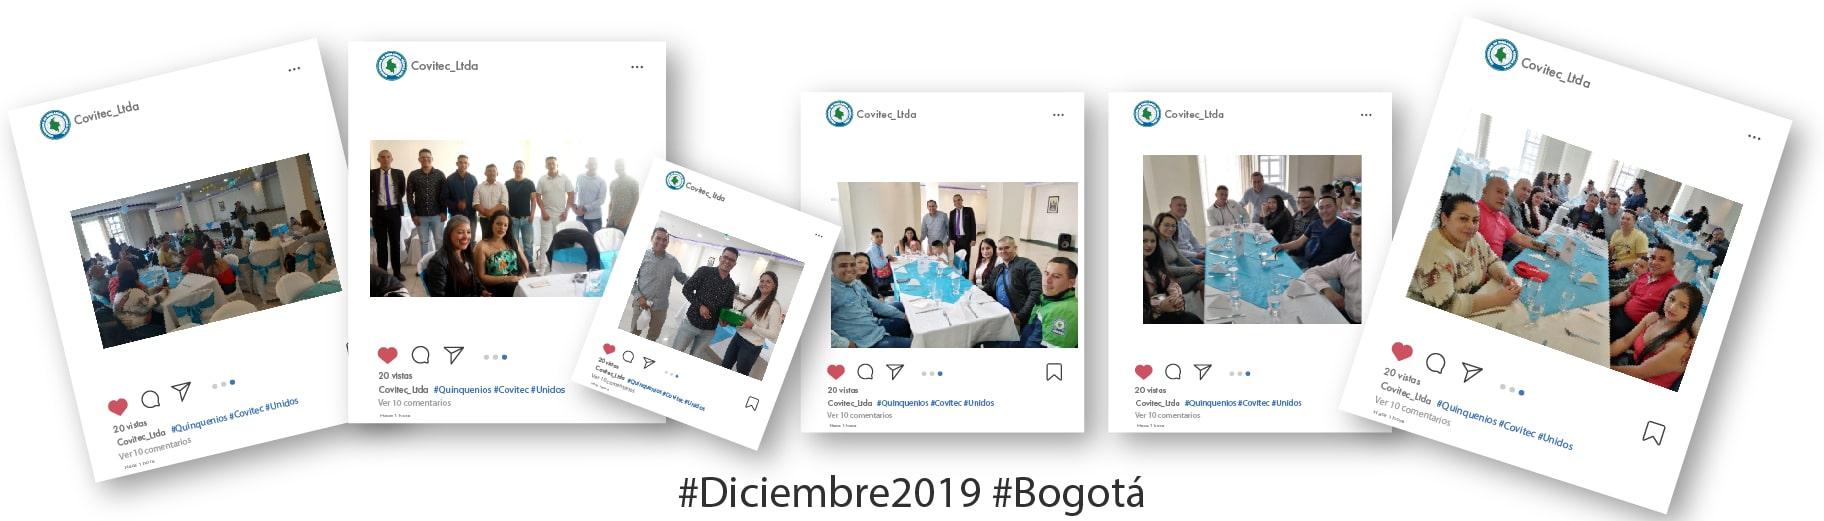 Diciembre 2019 Bogota-01-min (1)